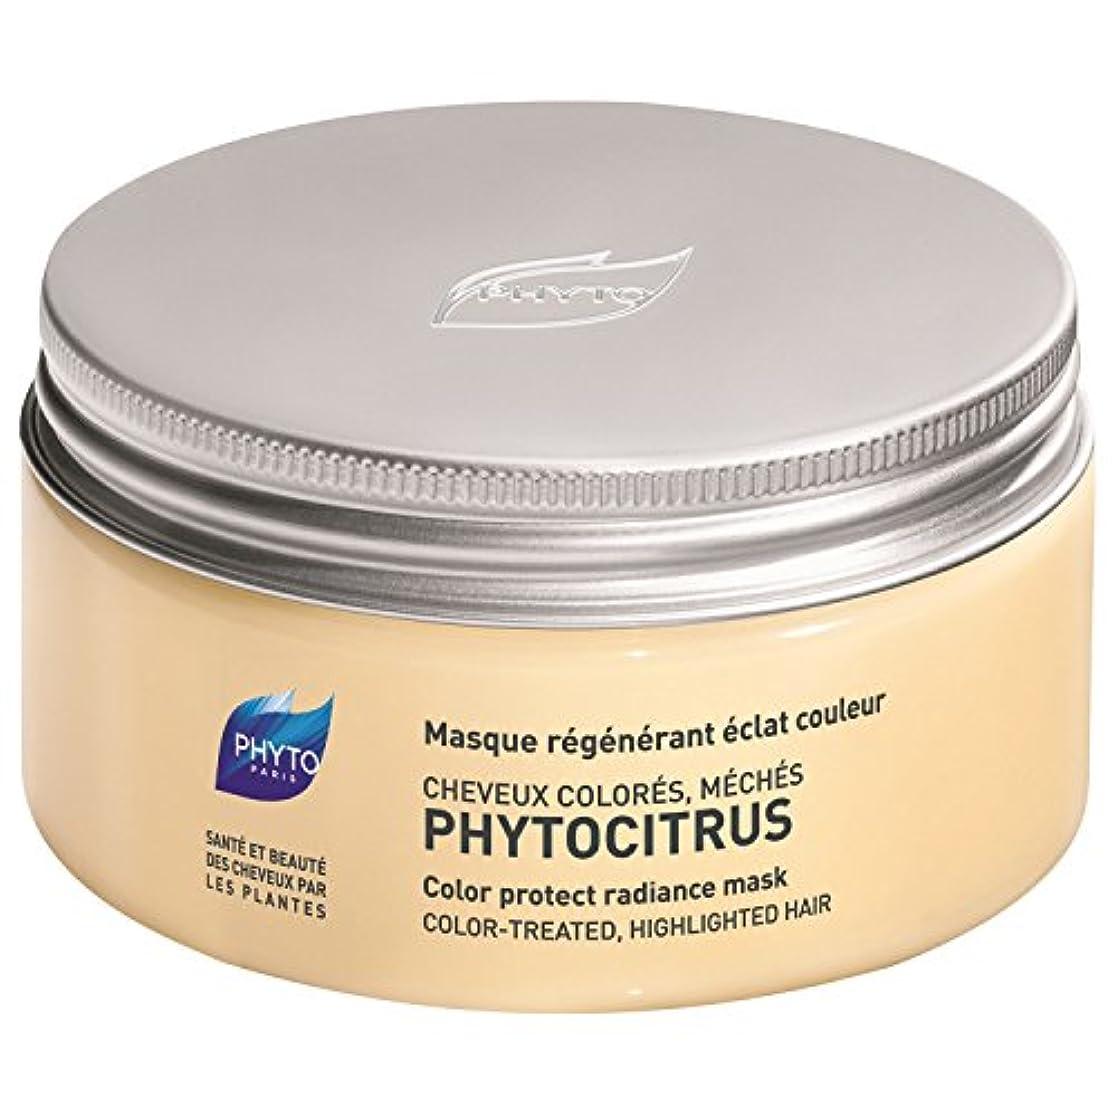 いじめっ子海嶺ディスパッチフィトPhytocitrus色保護放射輝度マスク200ミリリットル (Phyto) (x6) - Phyto Phytocitrus Colour Protect Radiance Mask 200ml (Pack of...